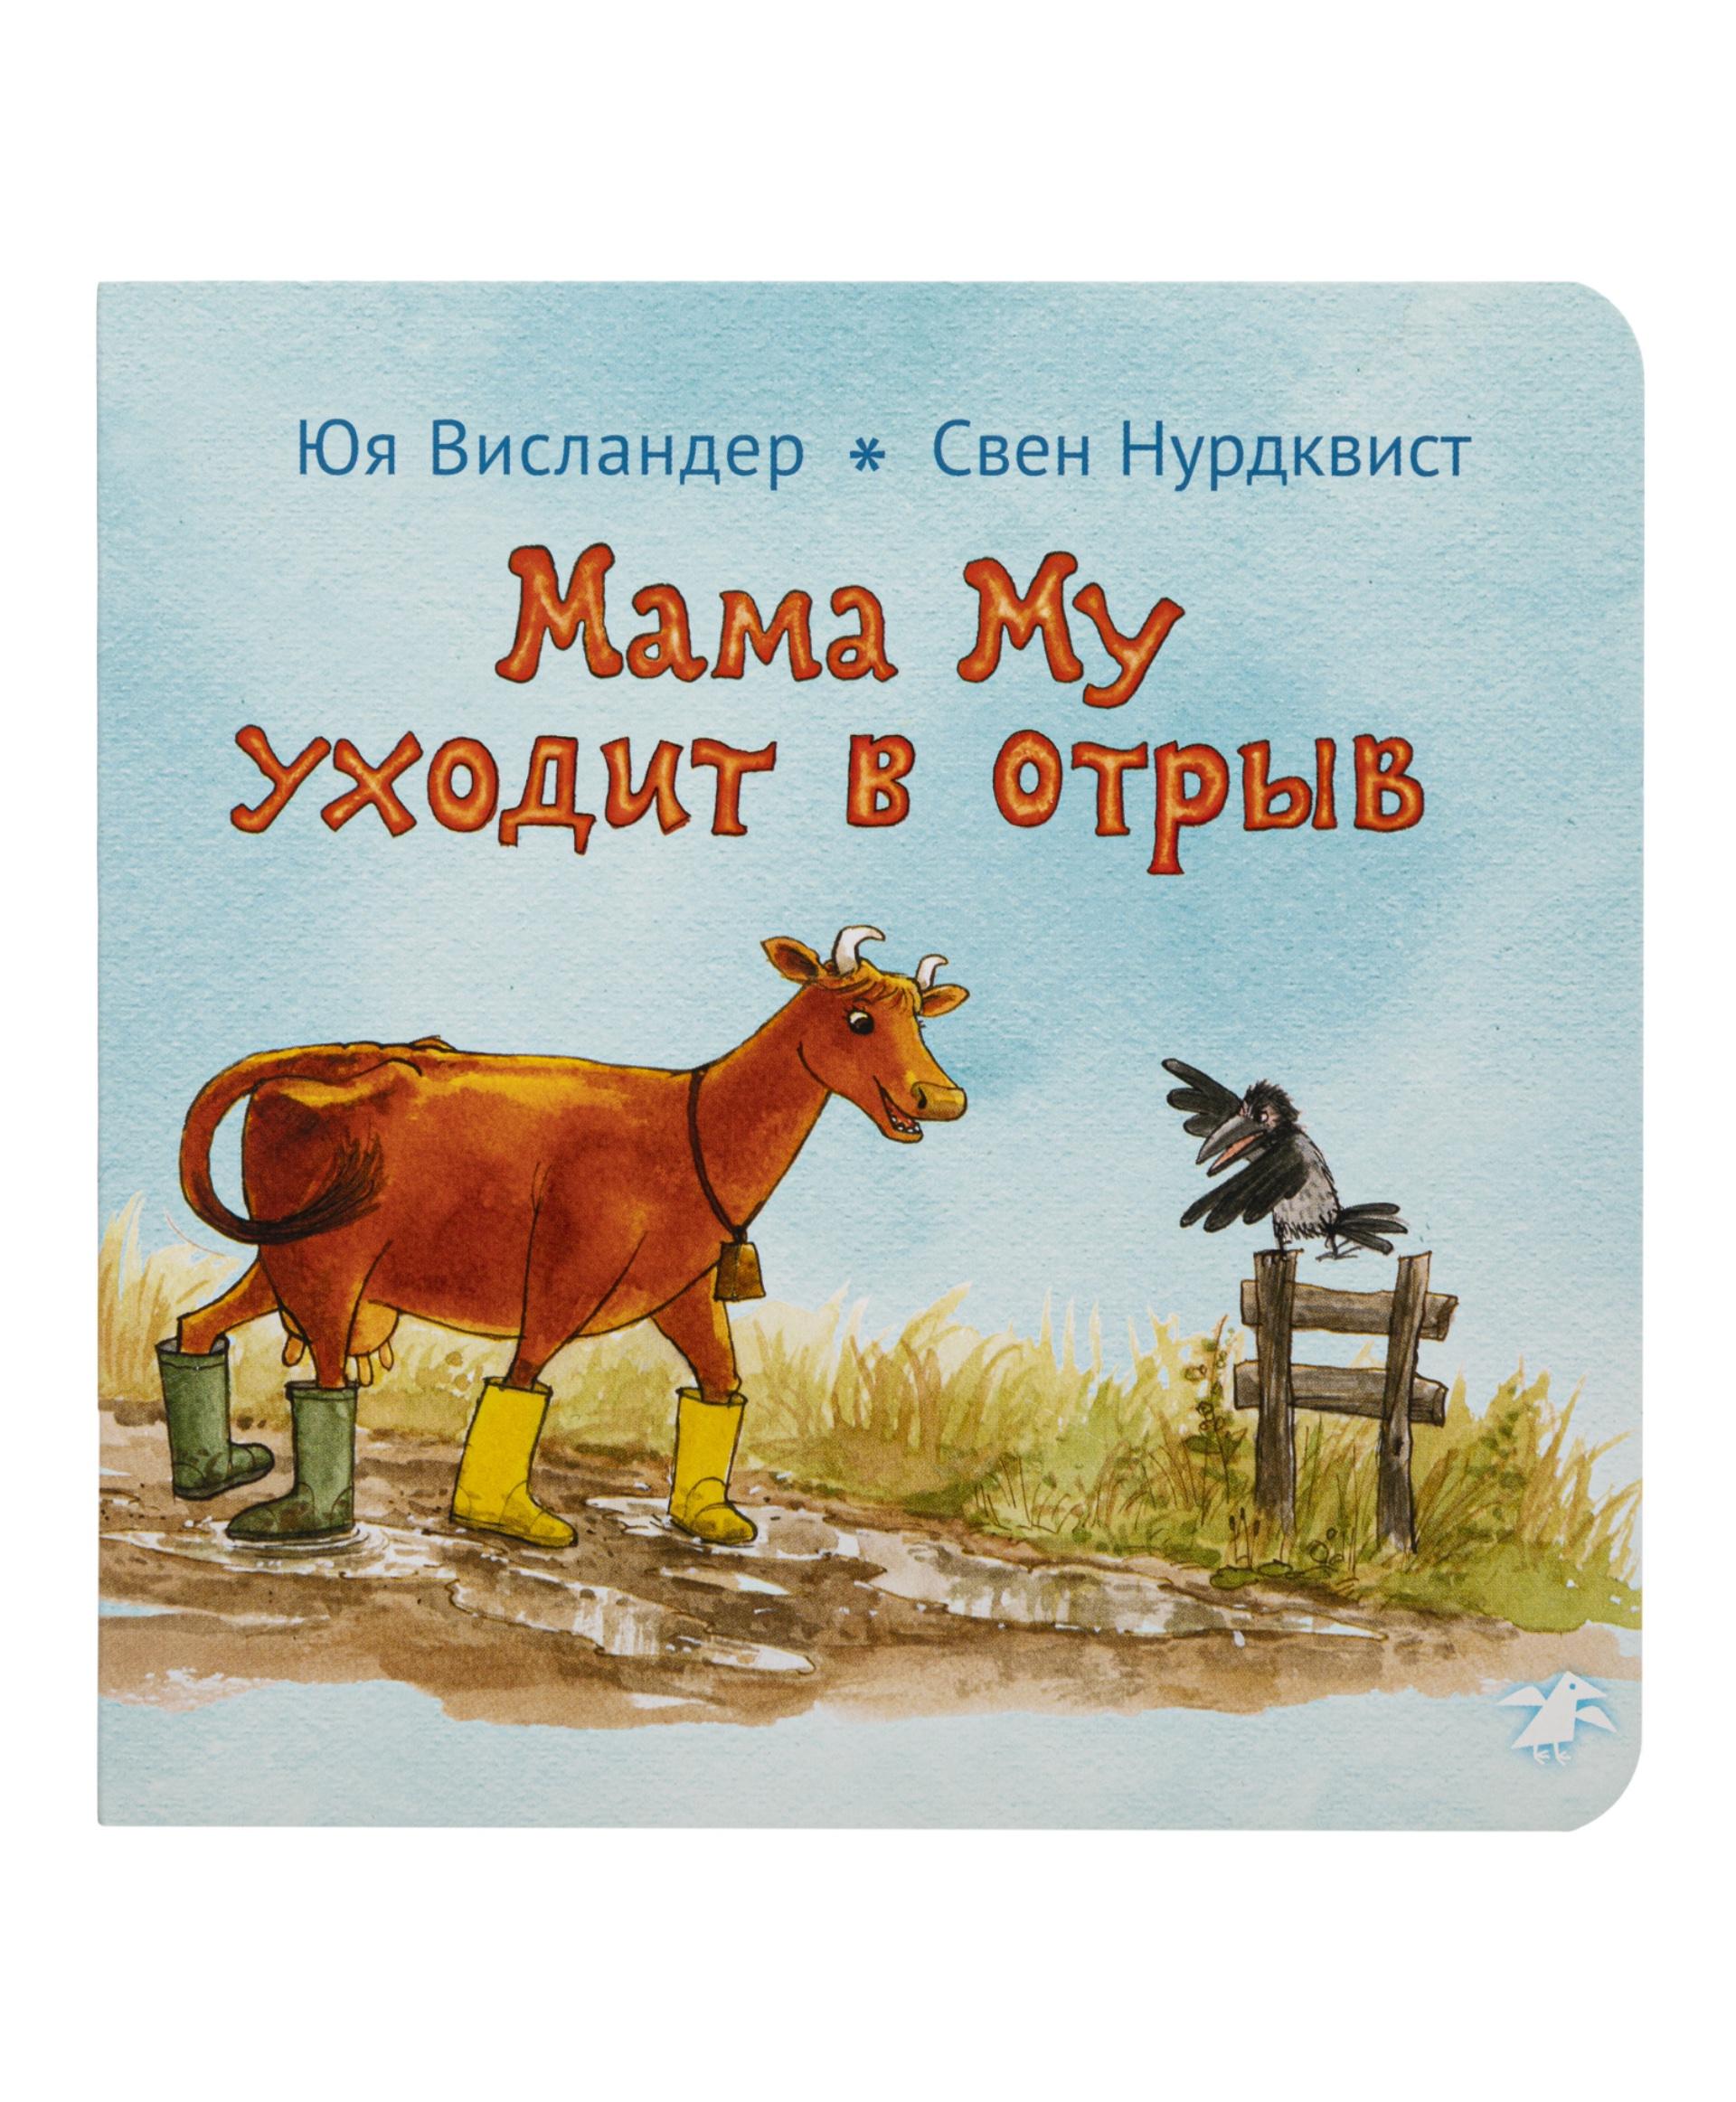 Белая Ворона книга 'Мама Му уходит в отрыв'